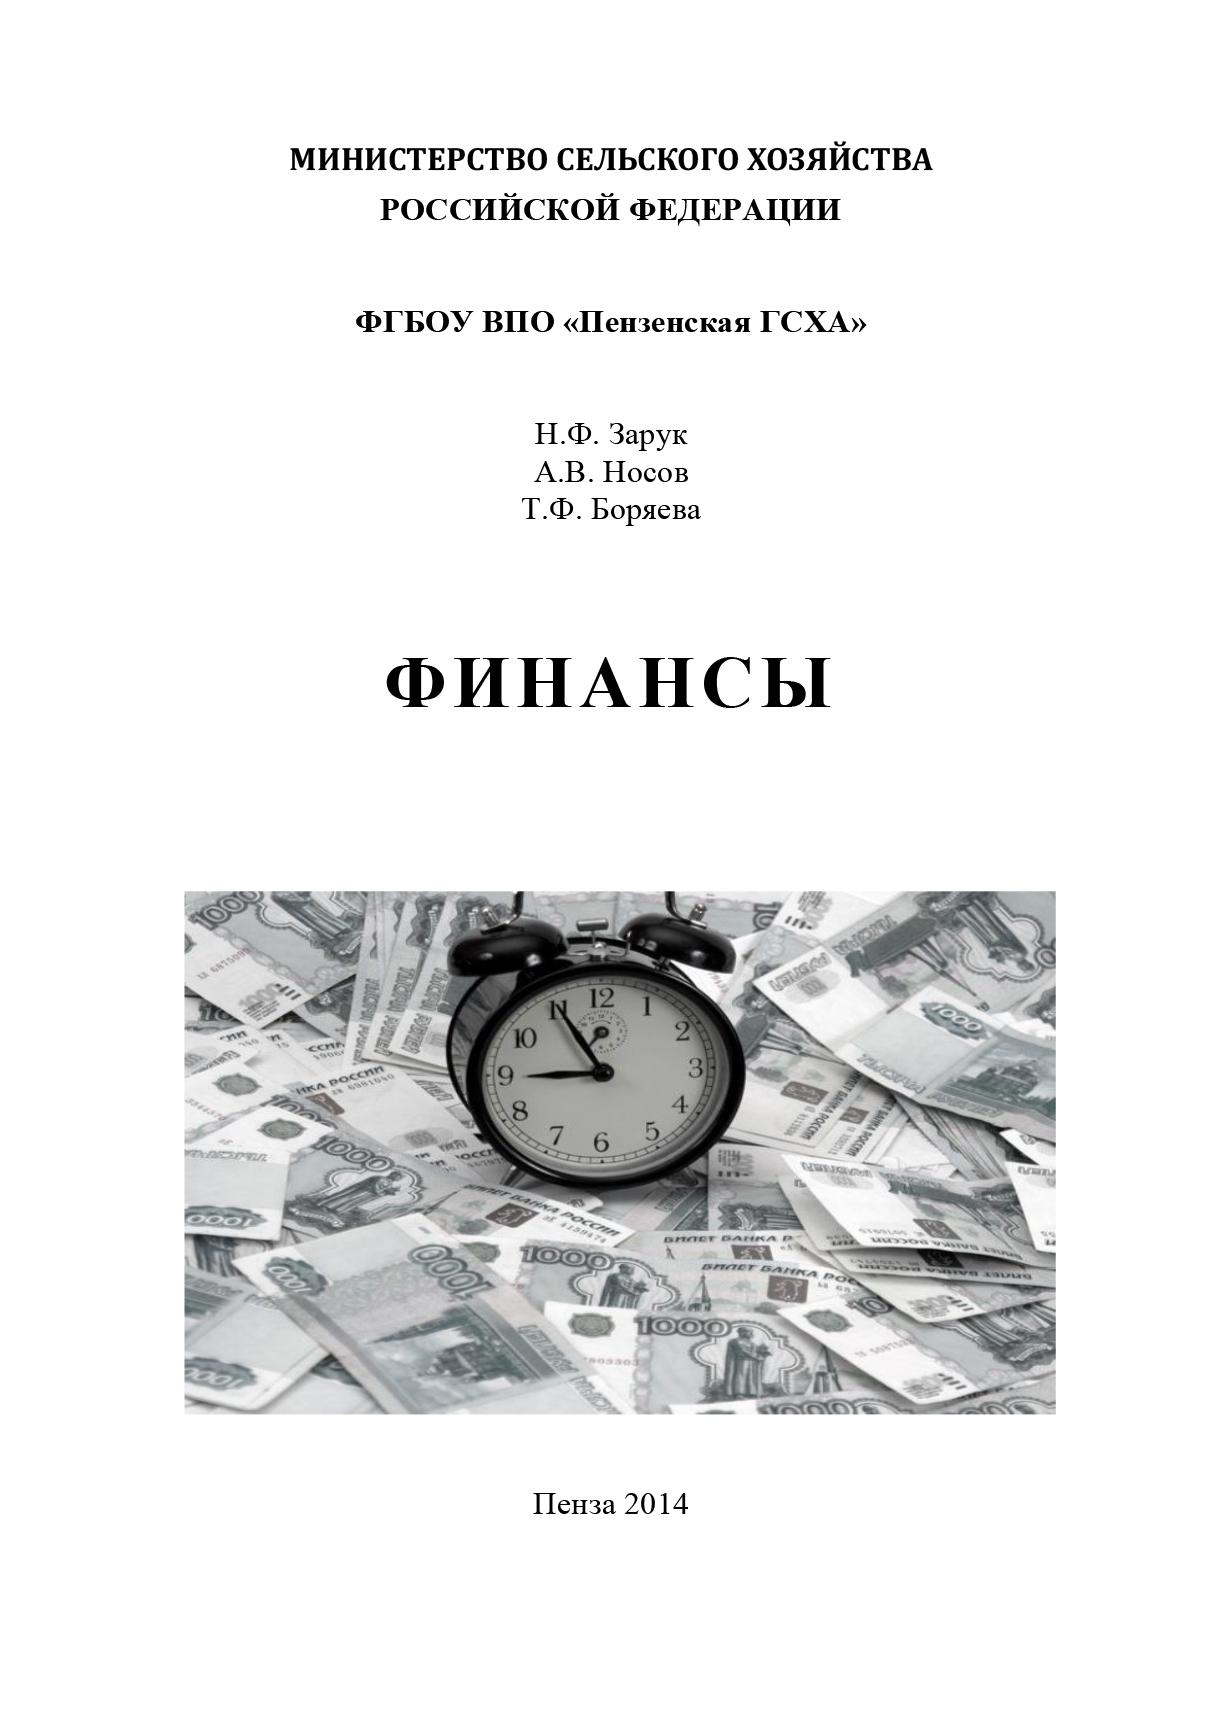 Фото - Т. Ф. Боряева Финансы пищулов в глобальная экология экономика и финансы монография